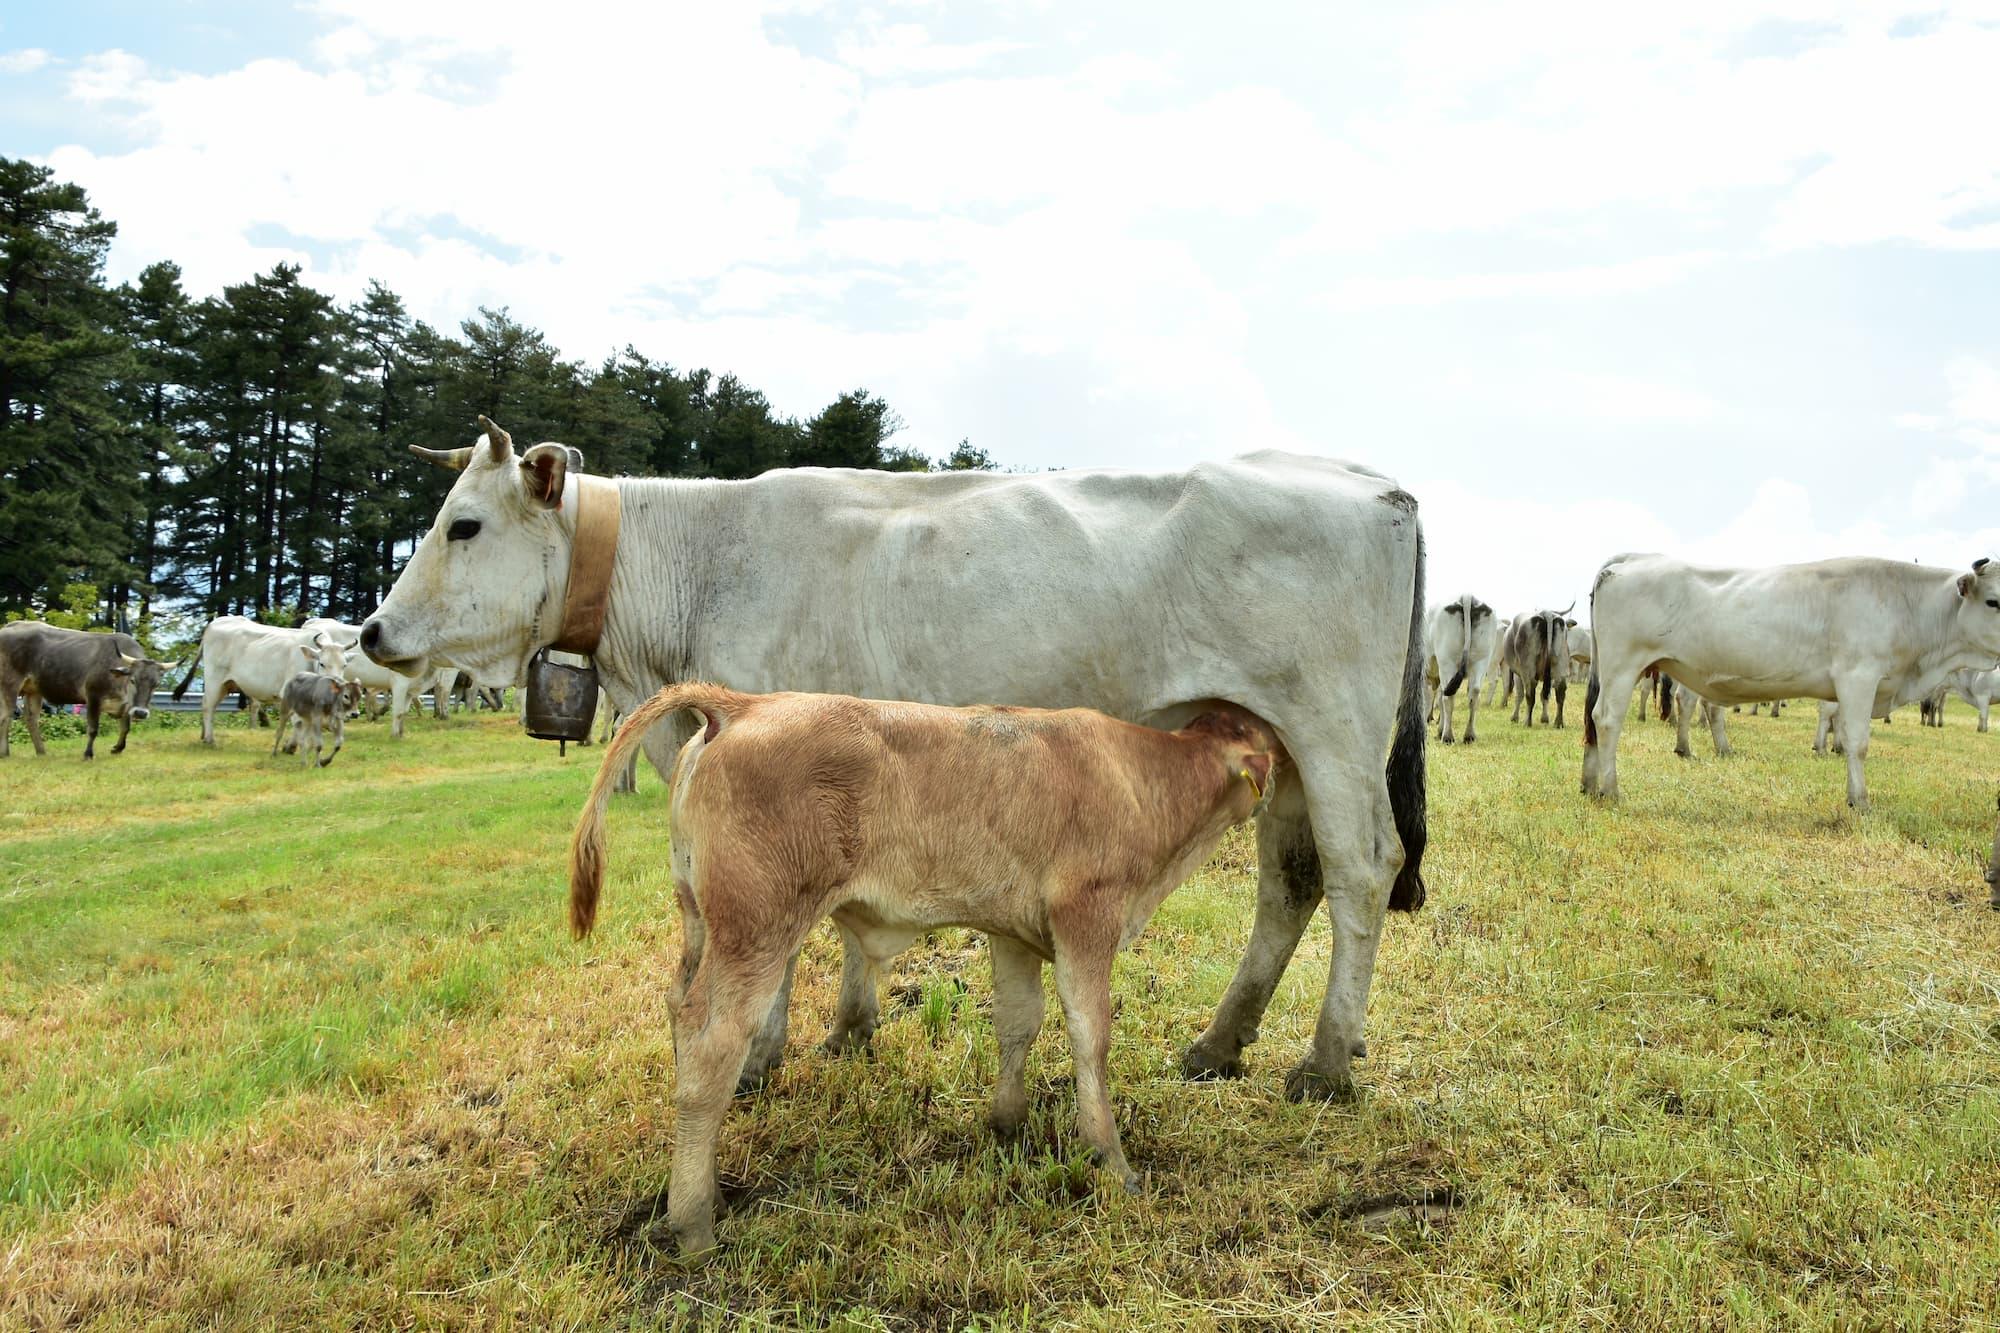 移牧中に授乳をしながら歩く牛の親子